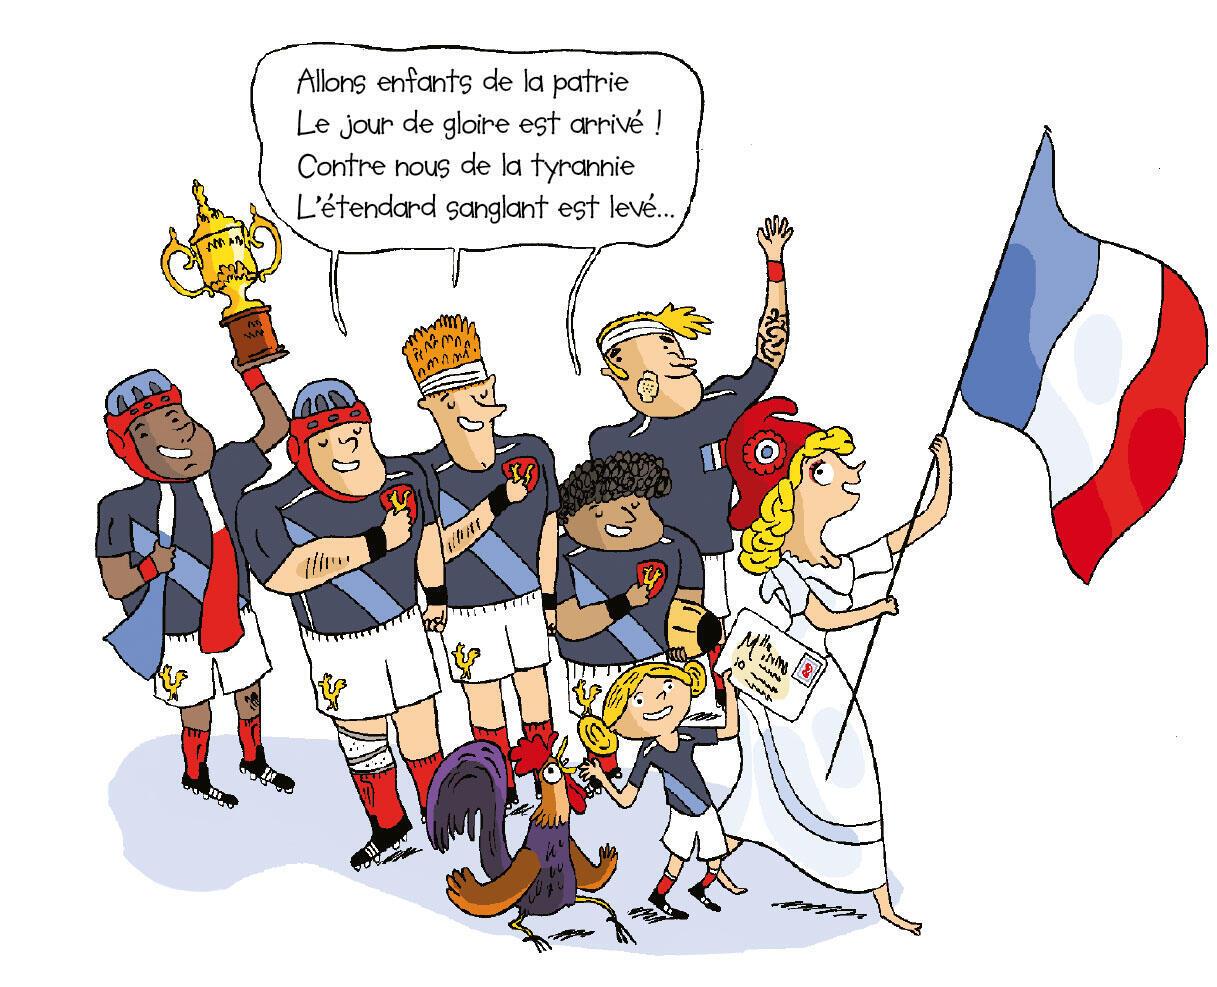 Les symboles de la France sont le drapeau bleu, blanc, rouge et La Marseillaise.